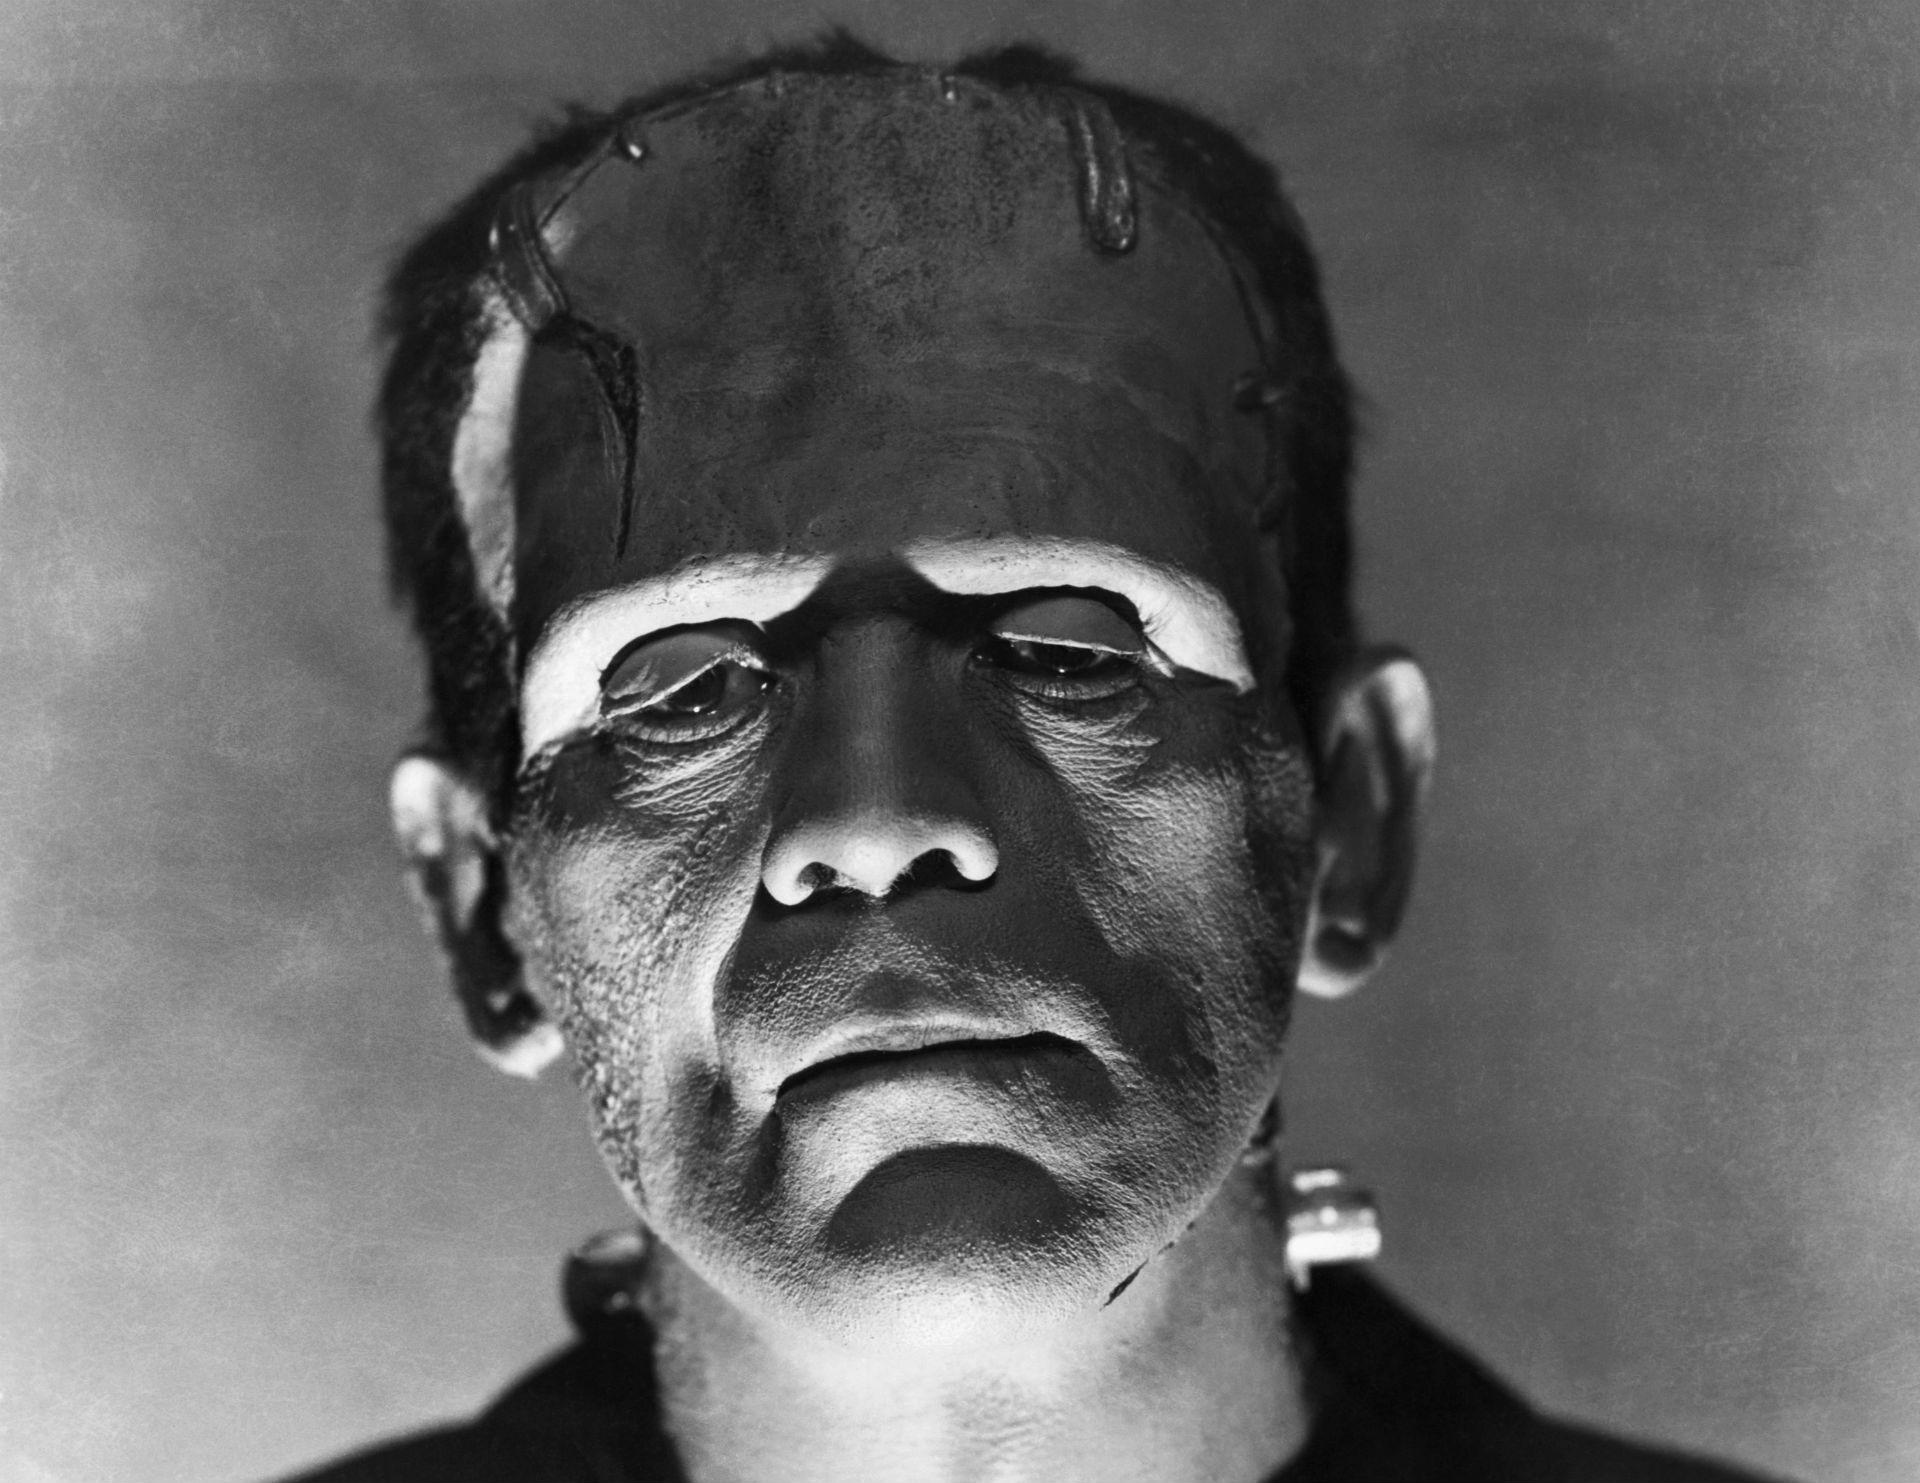 frankenstein monster wallpaper 1920x1080 - photo #15